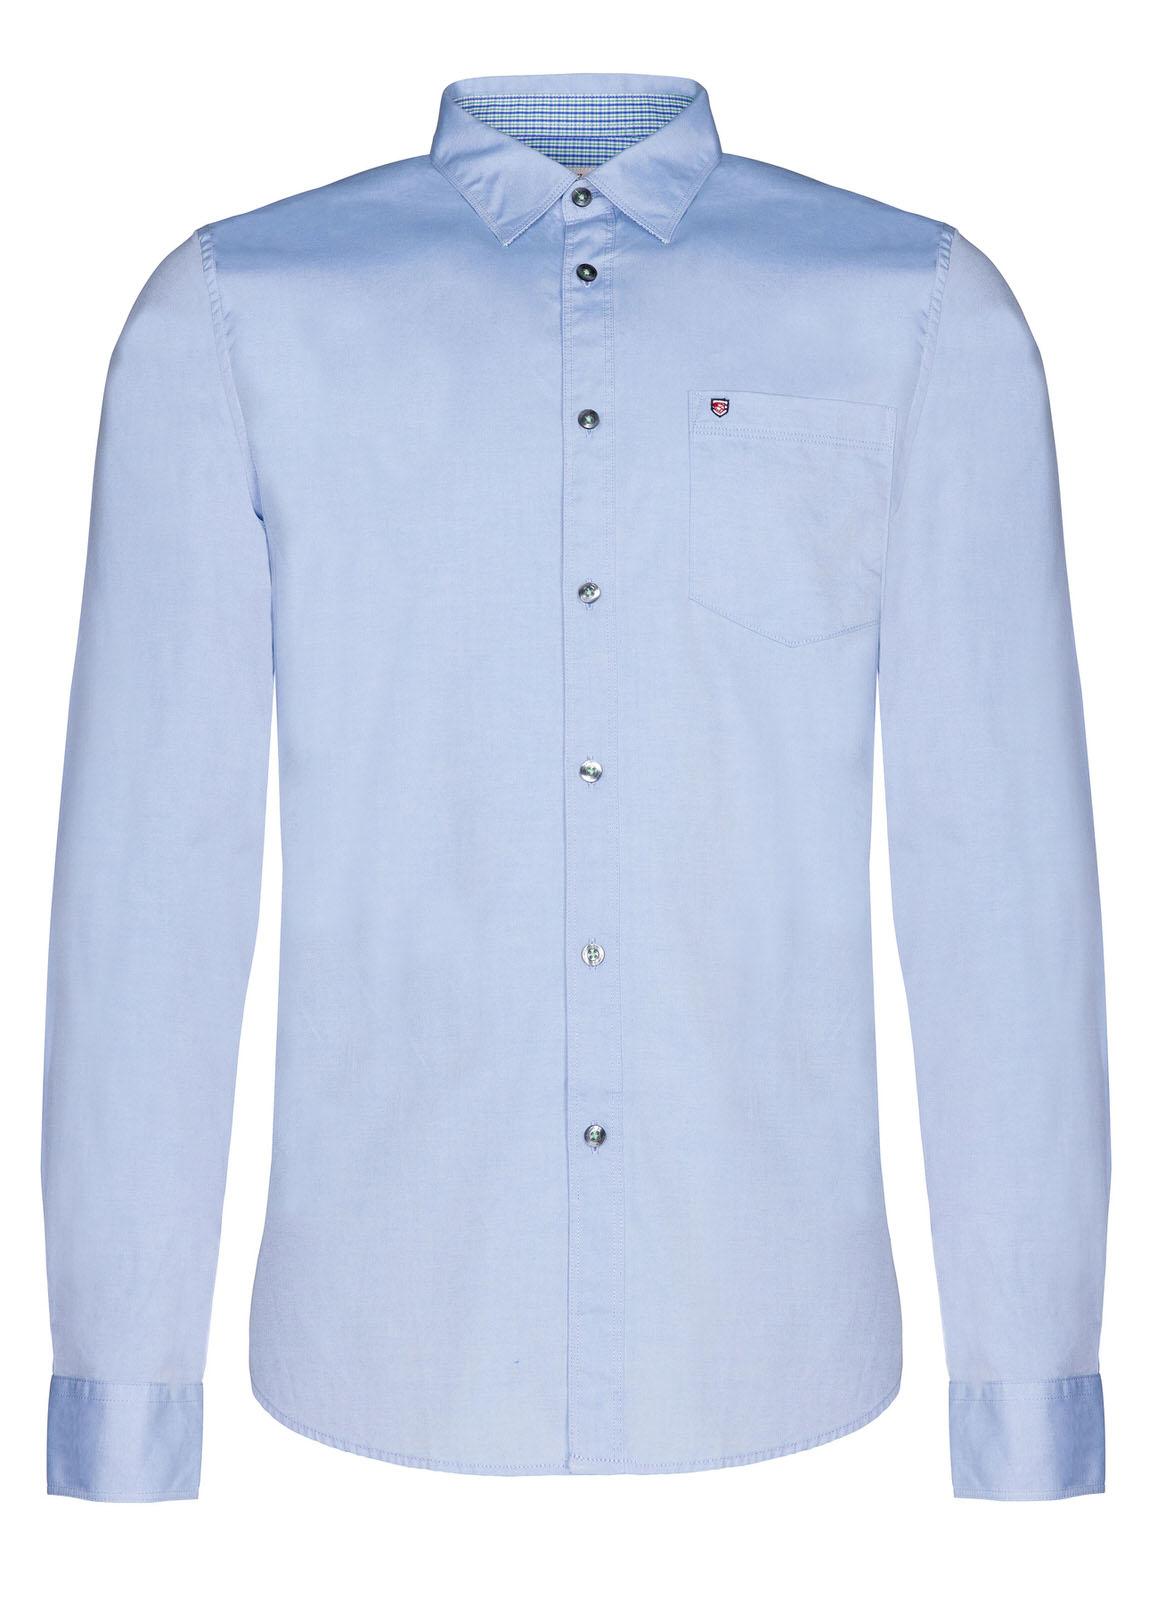 Rathgar_shirt_Blue_Image_1